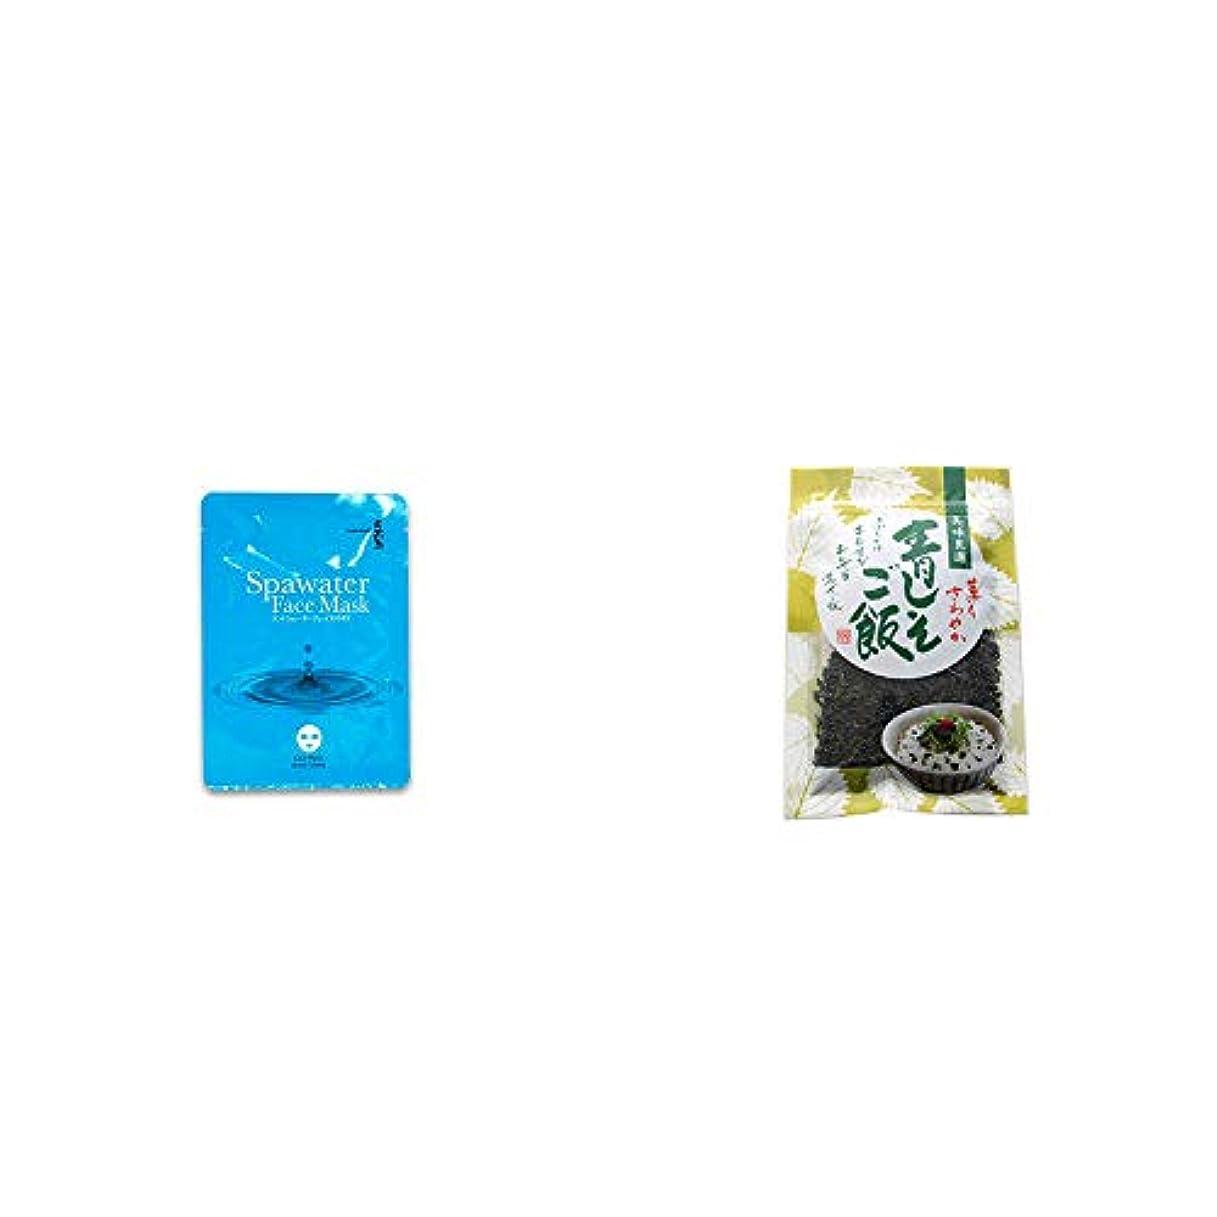 含めるエリート囲まれた[2点セット] ひのき炭黒泉 スパウォーターフェイスマスク(18ml×3枚入)?薫りさわやか 青しそご飯(80g)